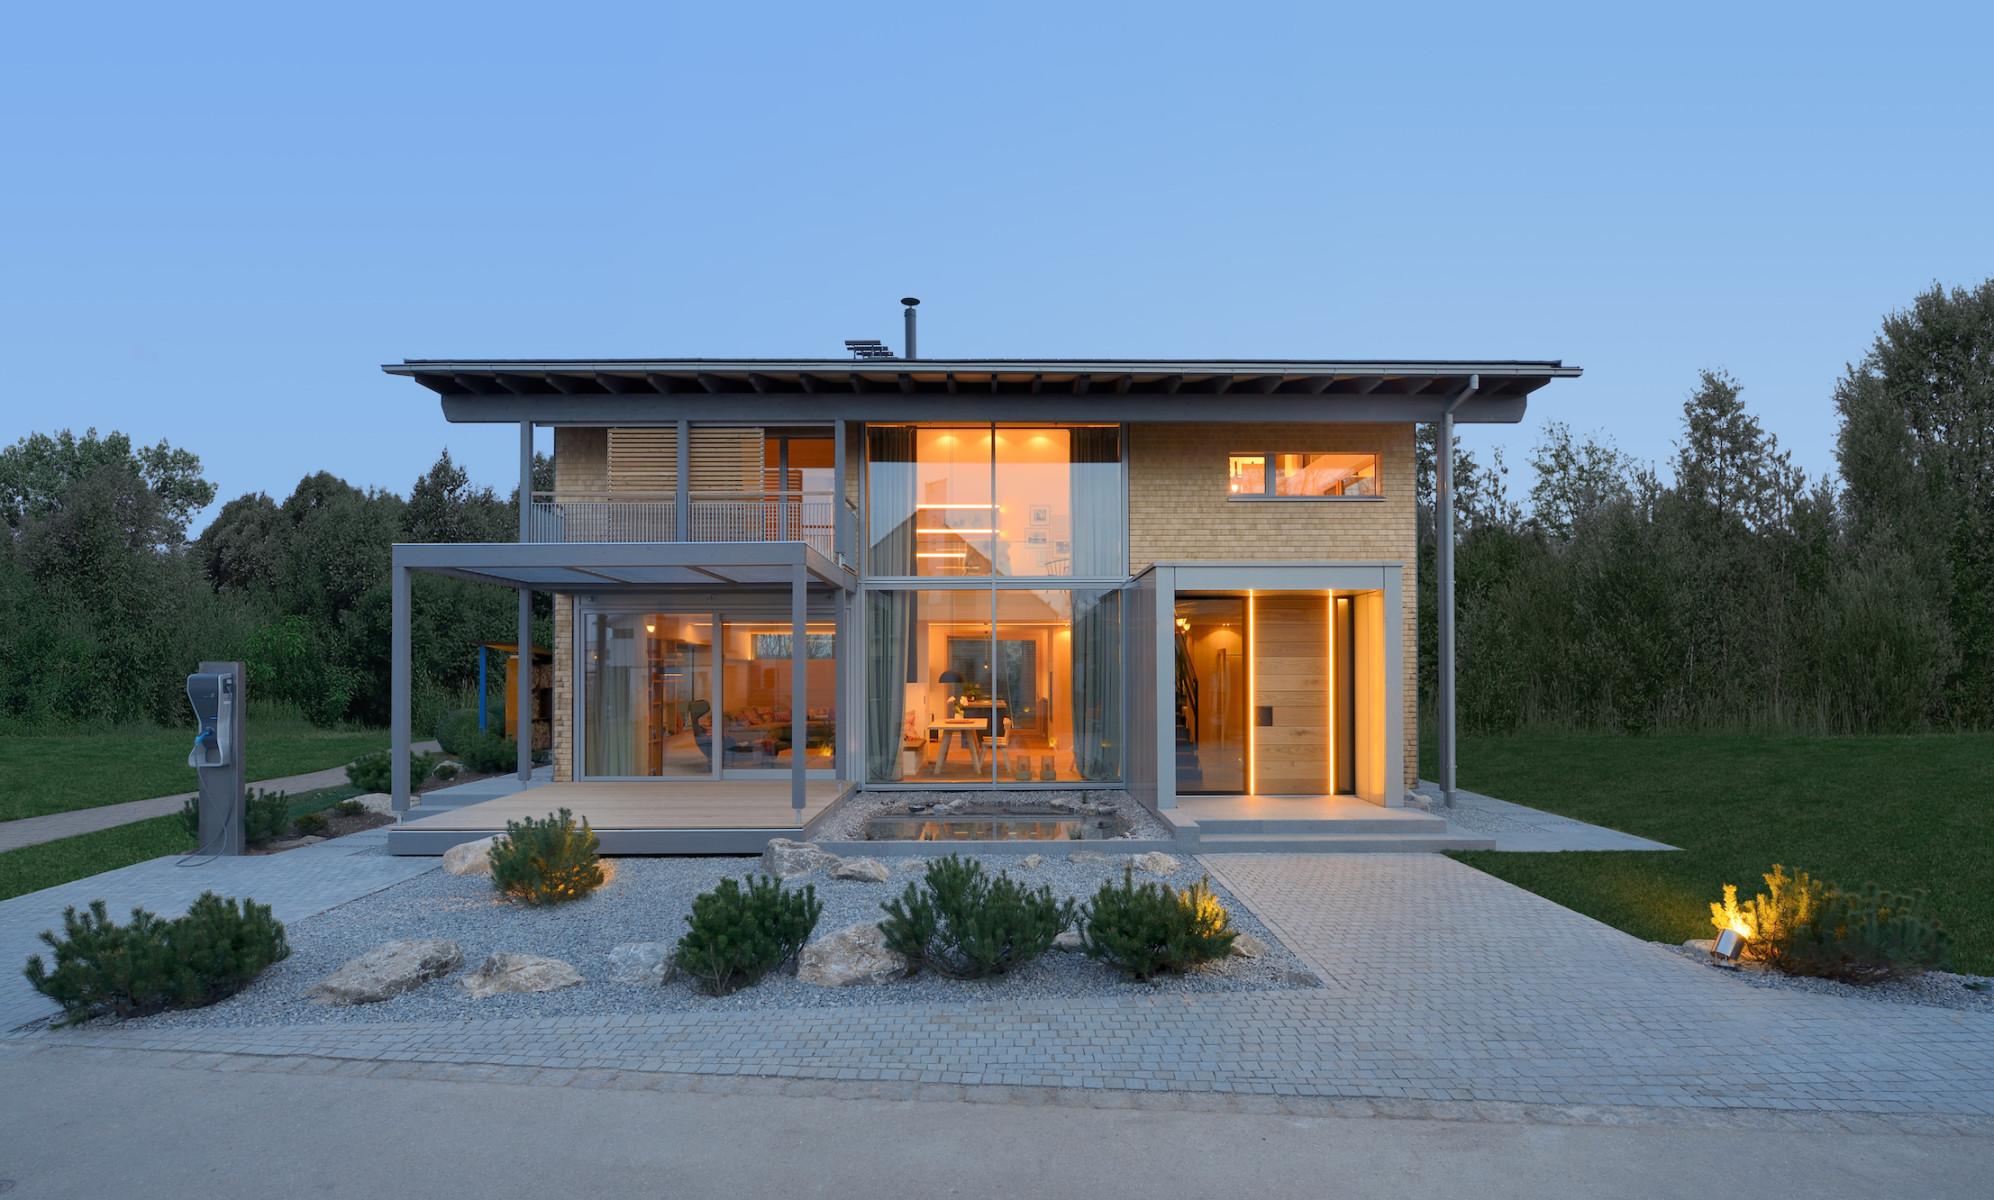 Wir planen und bauen unser Haus Hausbau atgeber size: 1994 x 1200 post ID: 3 File size: 0 B